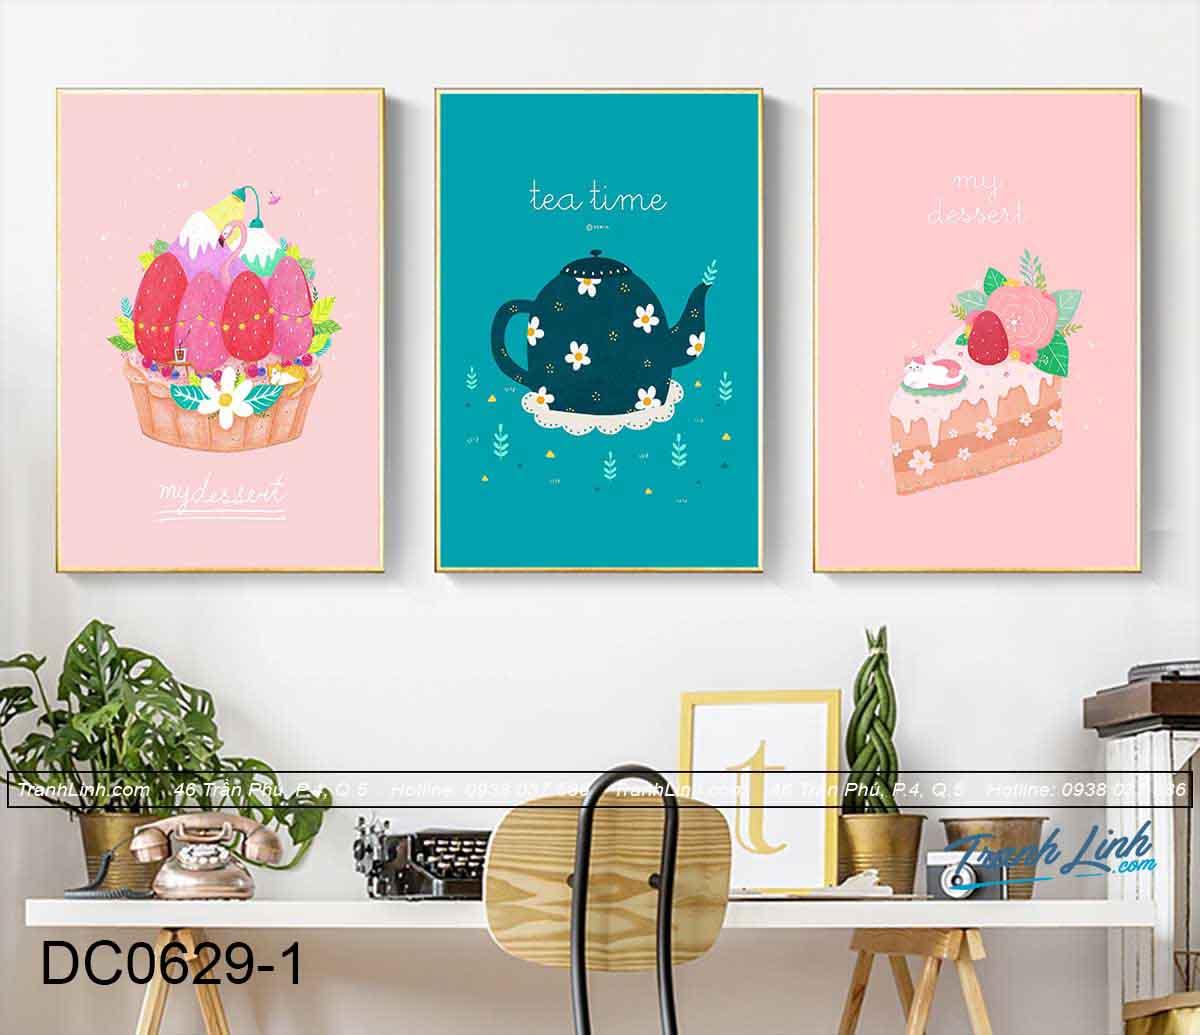 bo-tranh-canvas-treo-tuong-trang-tri-hoa-tiet-decor-dc0629.jpg